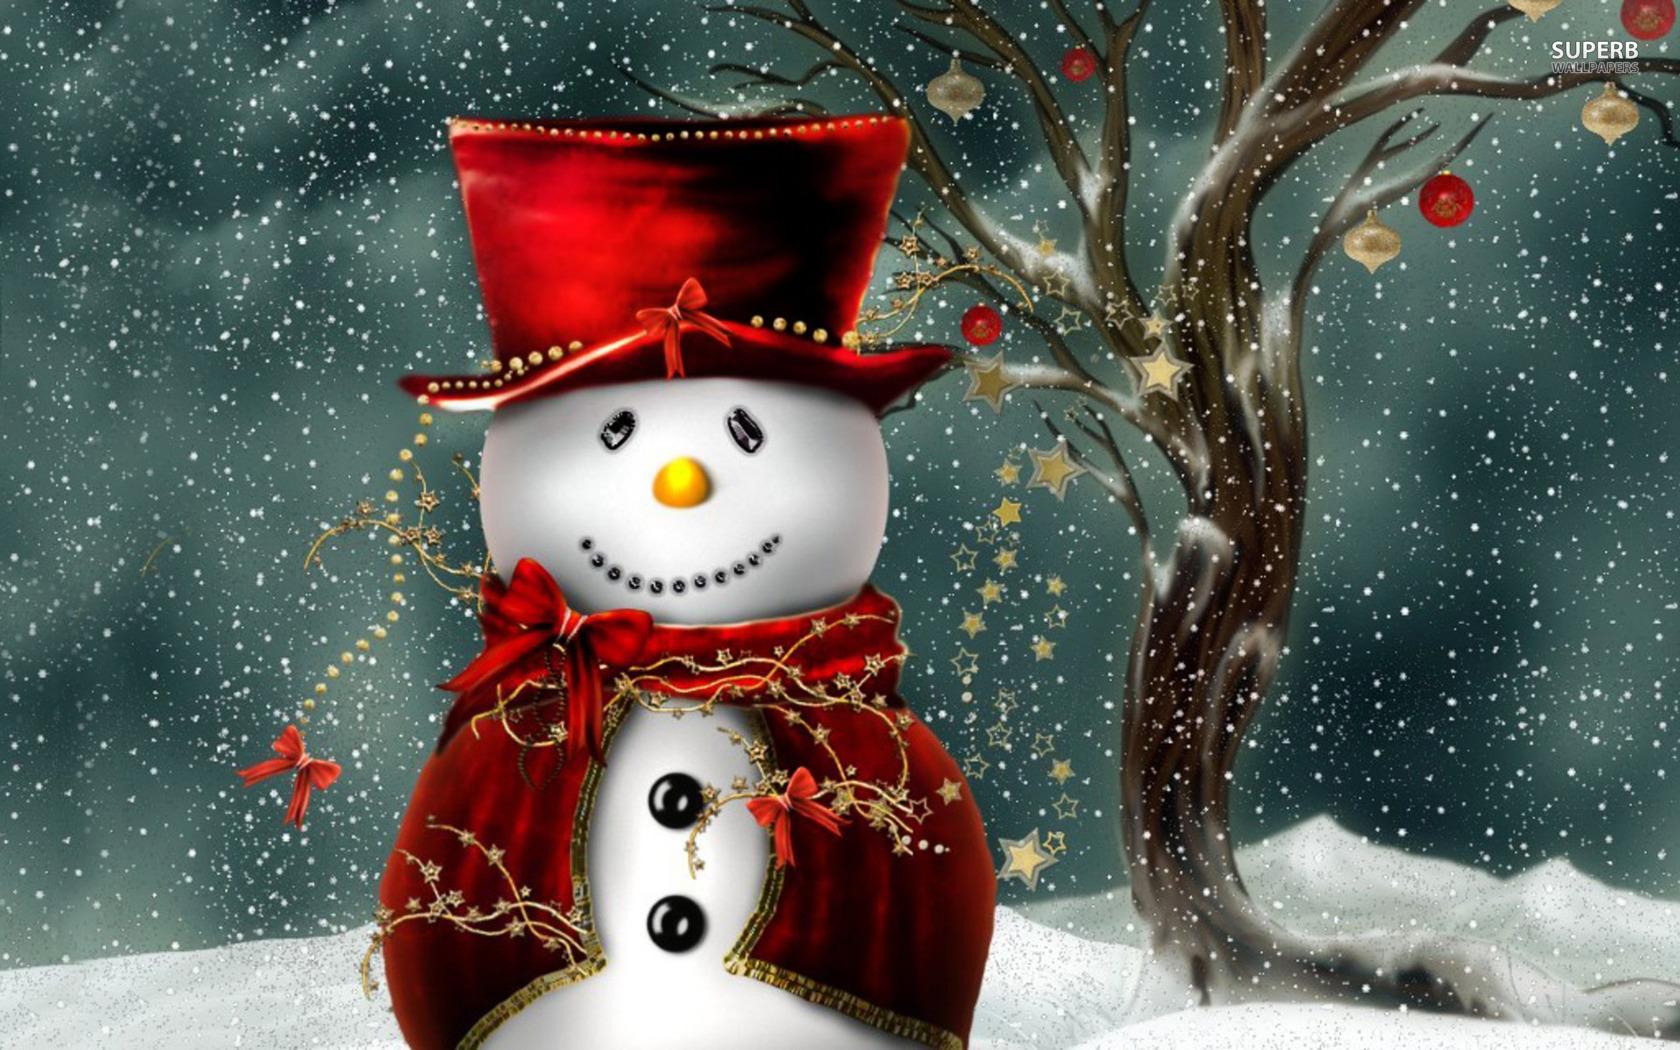 Snowman Christmas Hd Wallpaper Widescreen